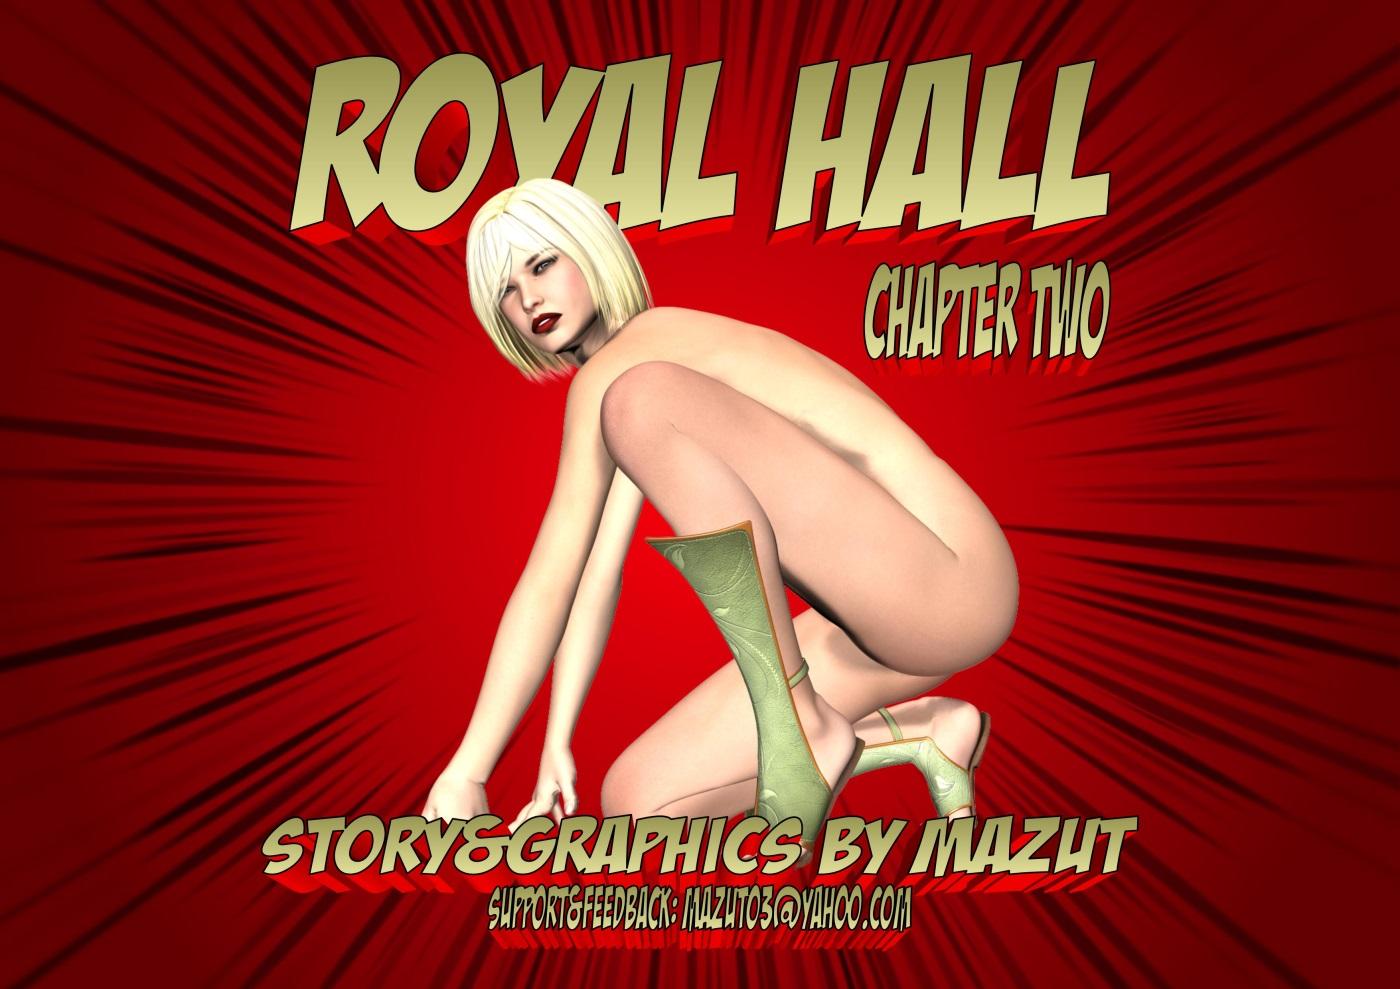 Royal Hall 2 image 1